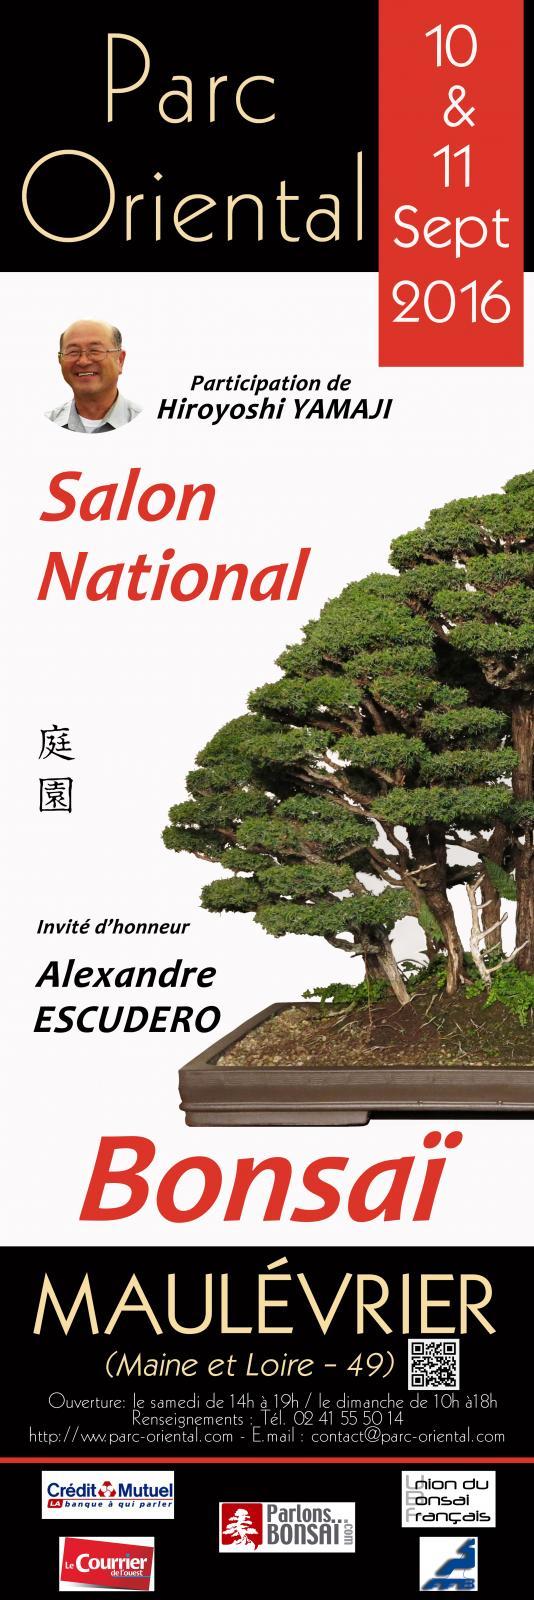 exposition bonsexposition bonsai maulevrier 2016ai maulevrier 2016